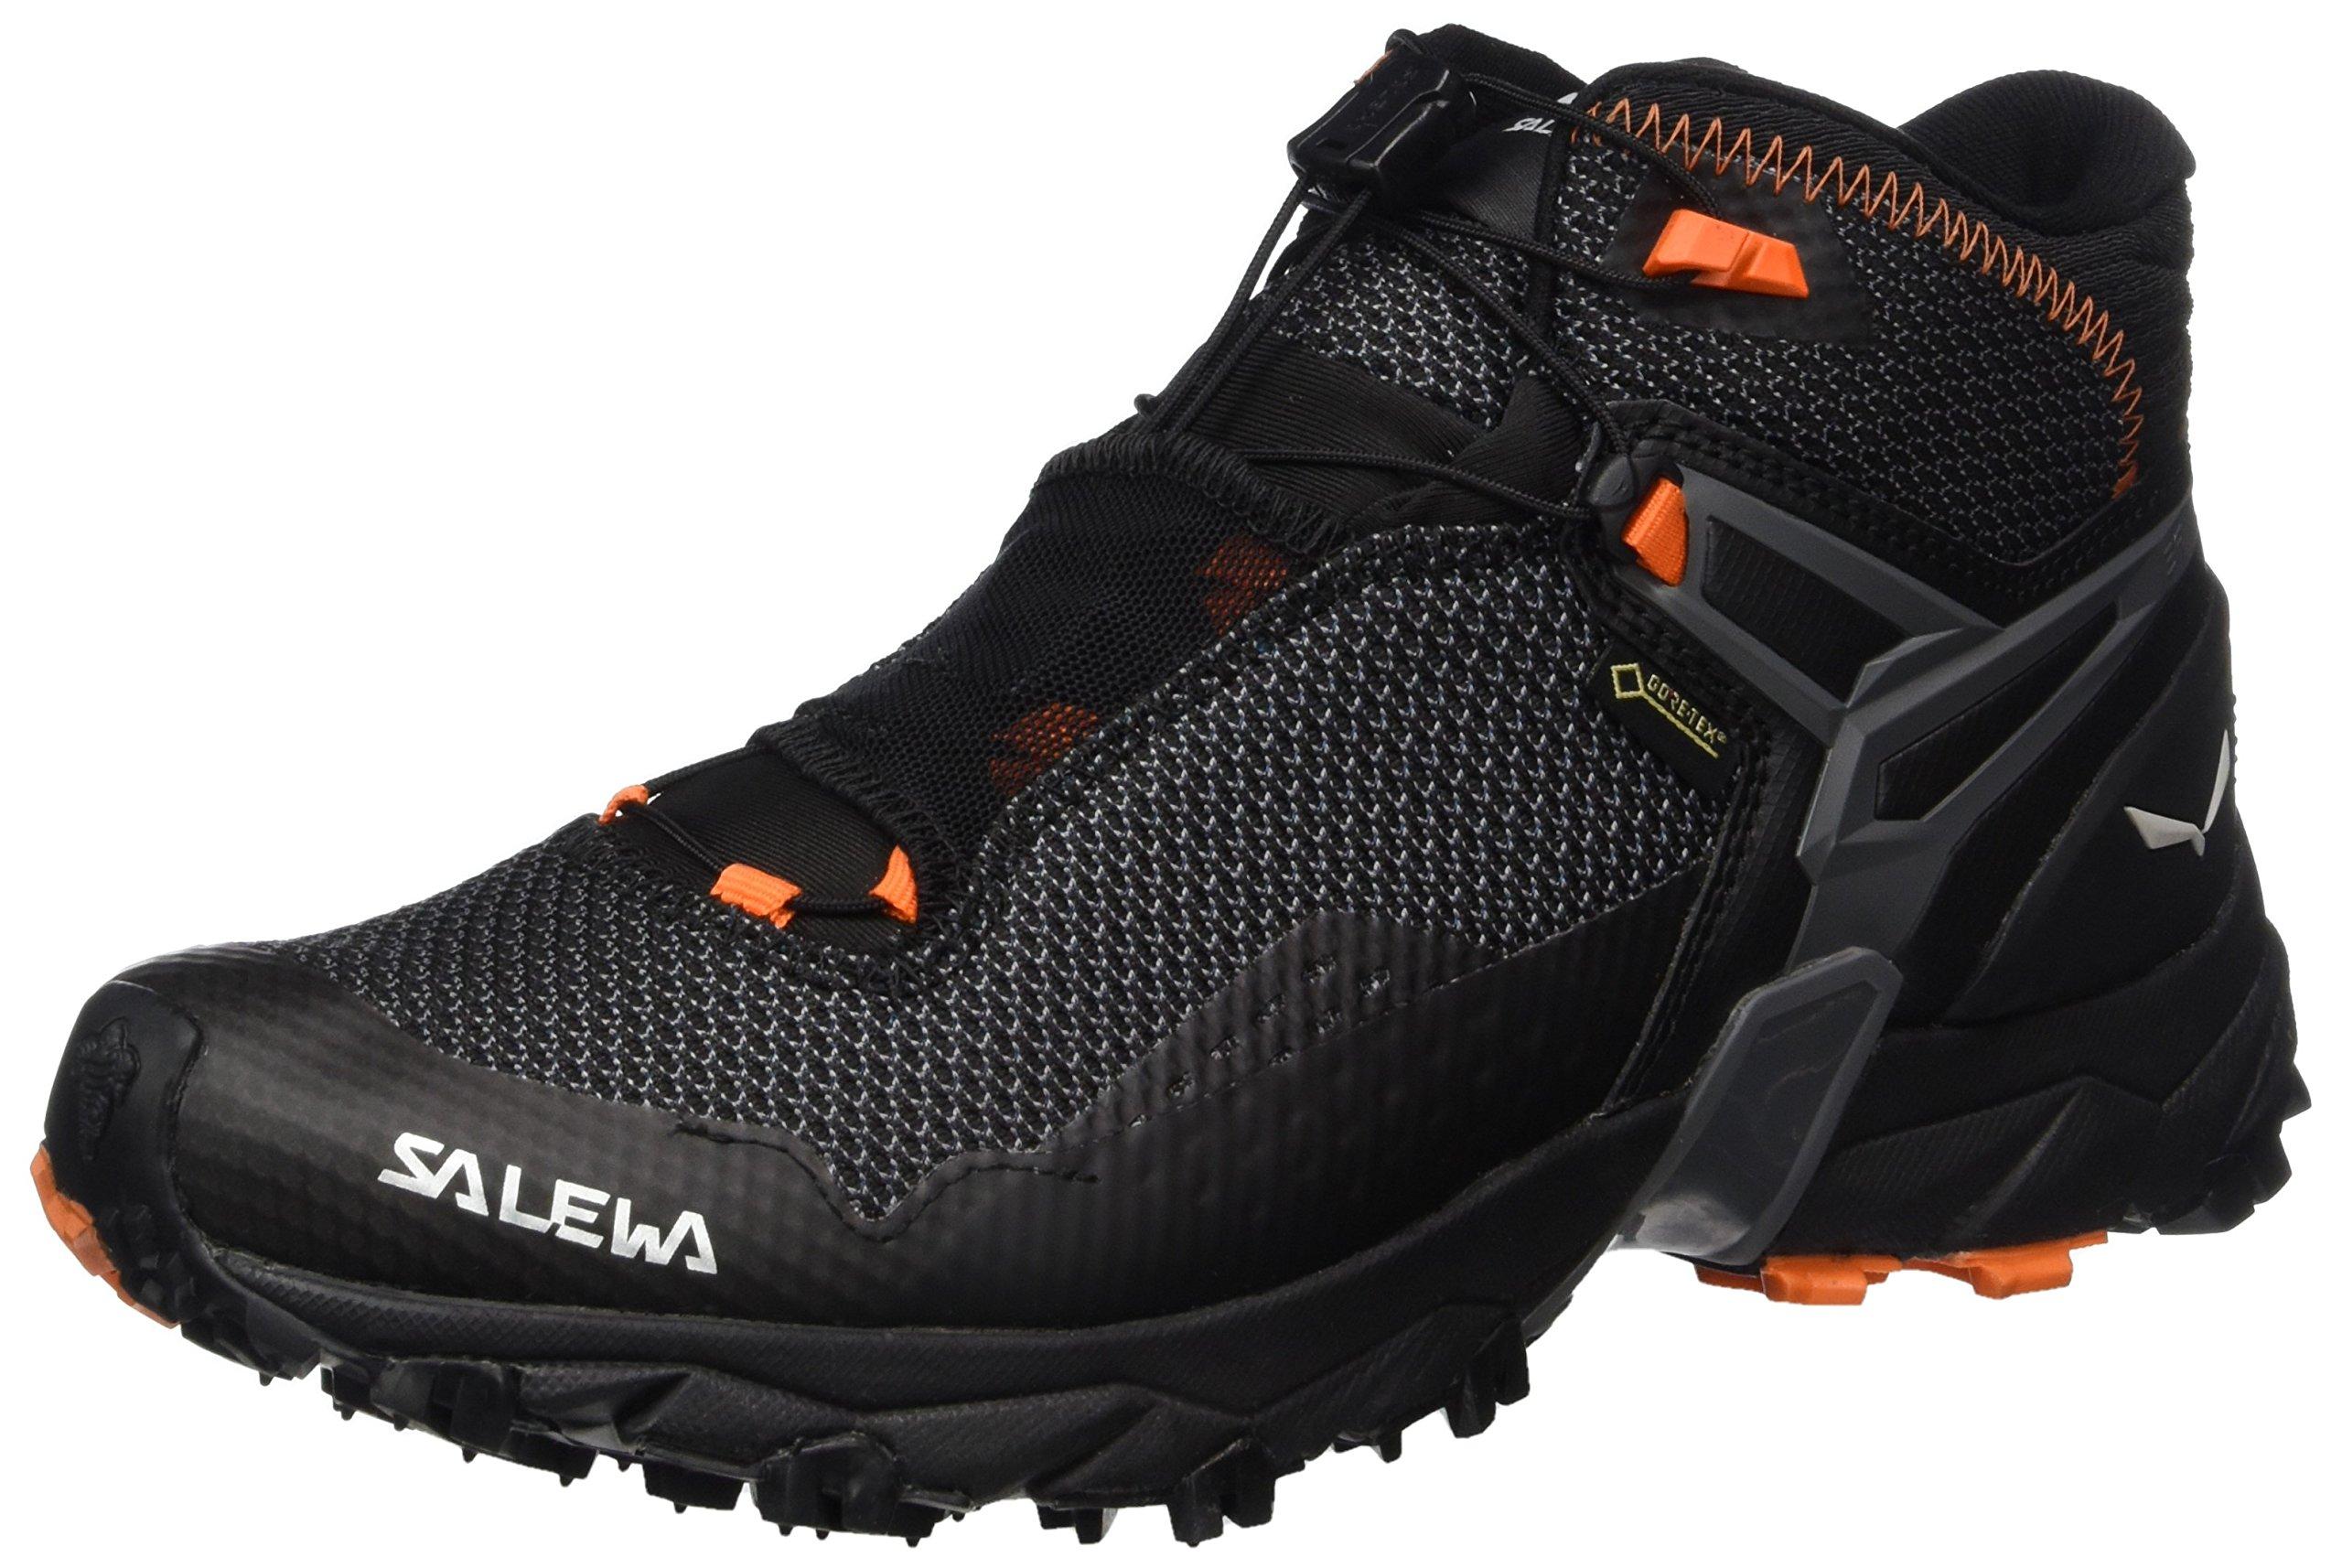 Salewa Men's Ultra Flex Mid Gtx Trail-Runners, Black/Holland, 11 D US